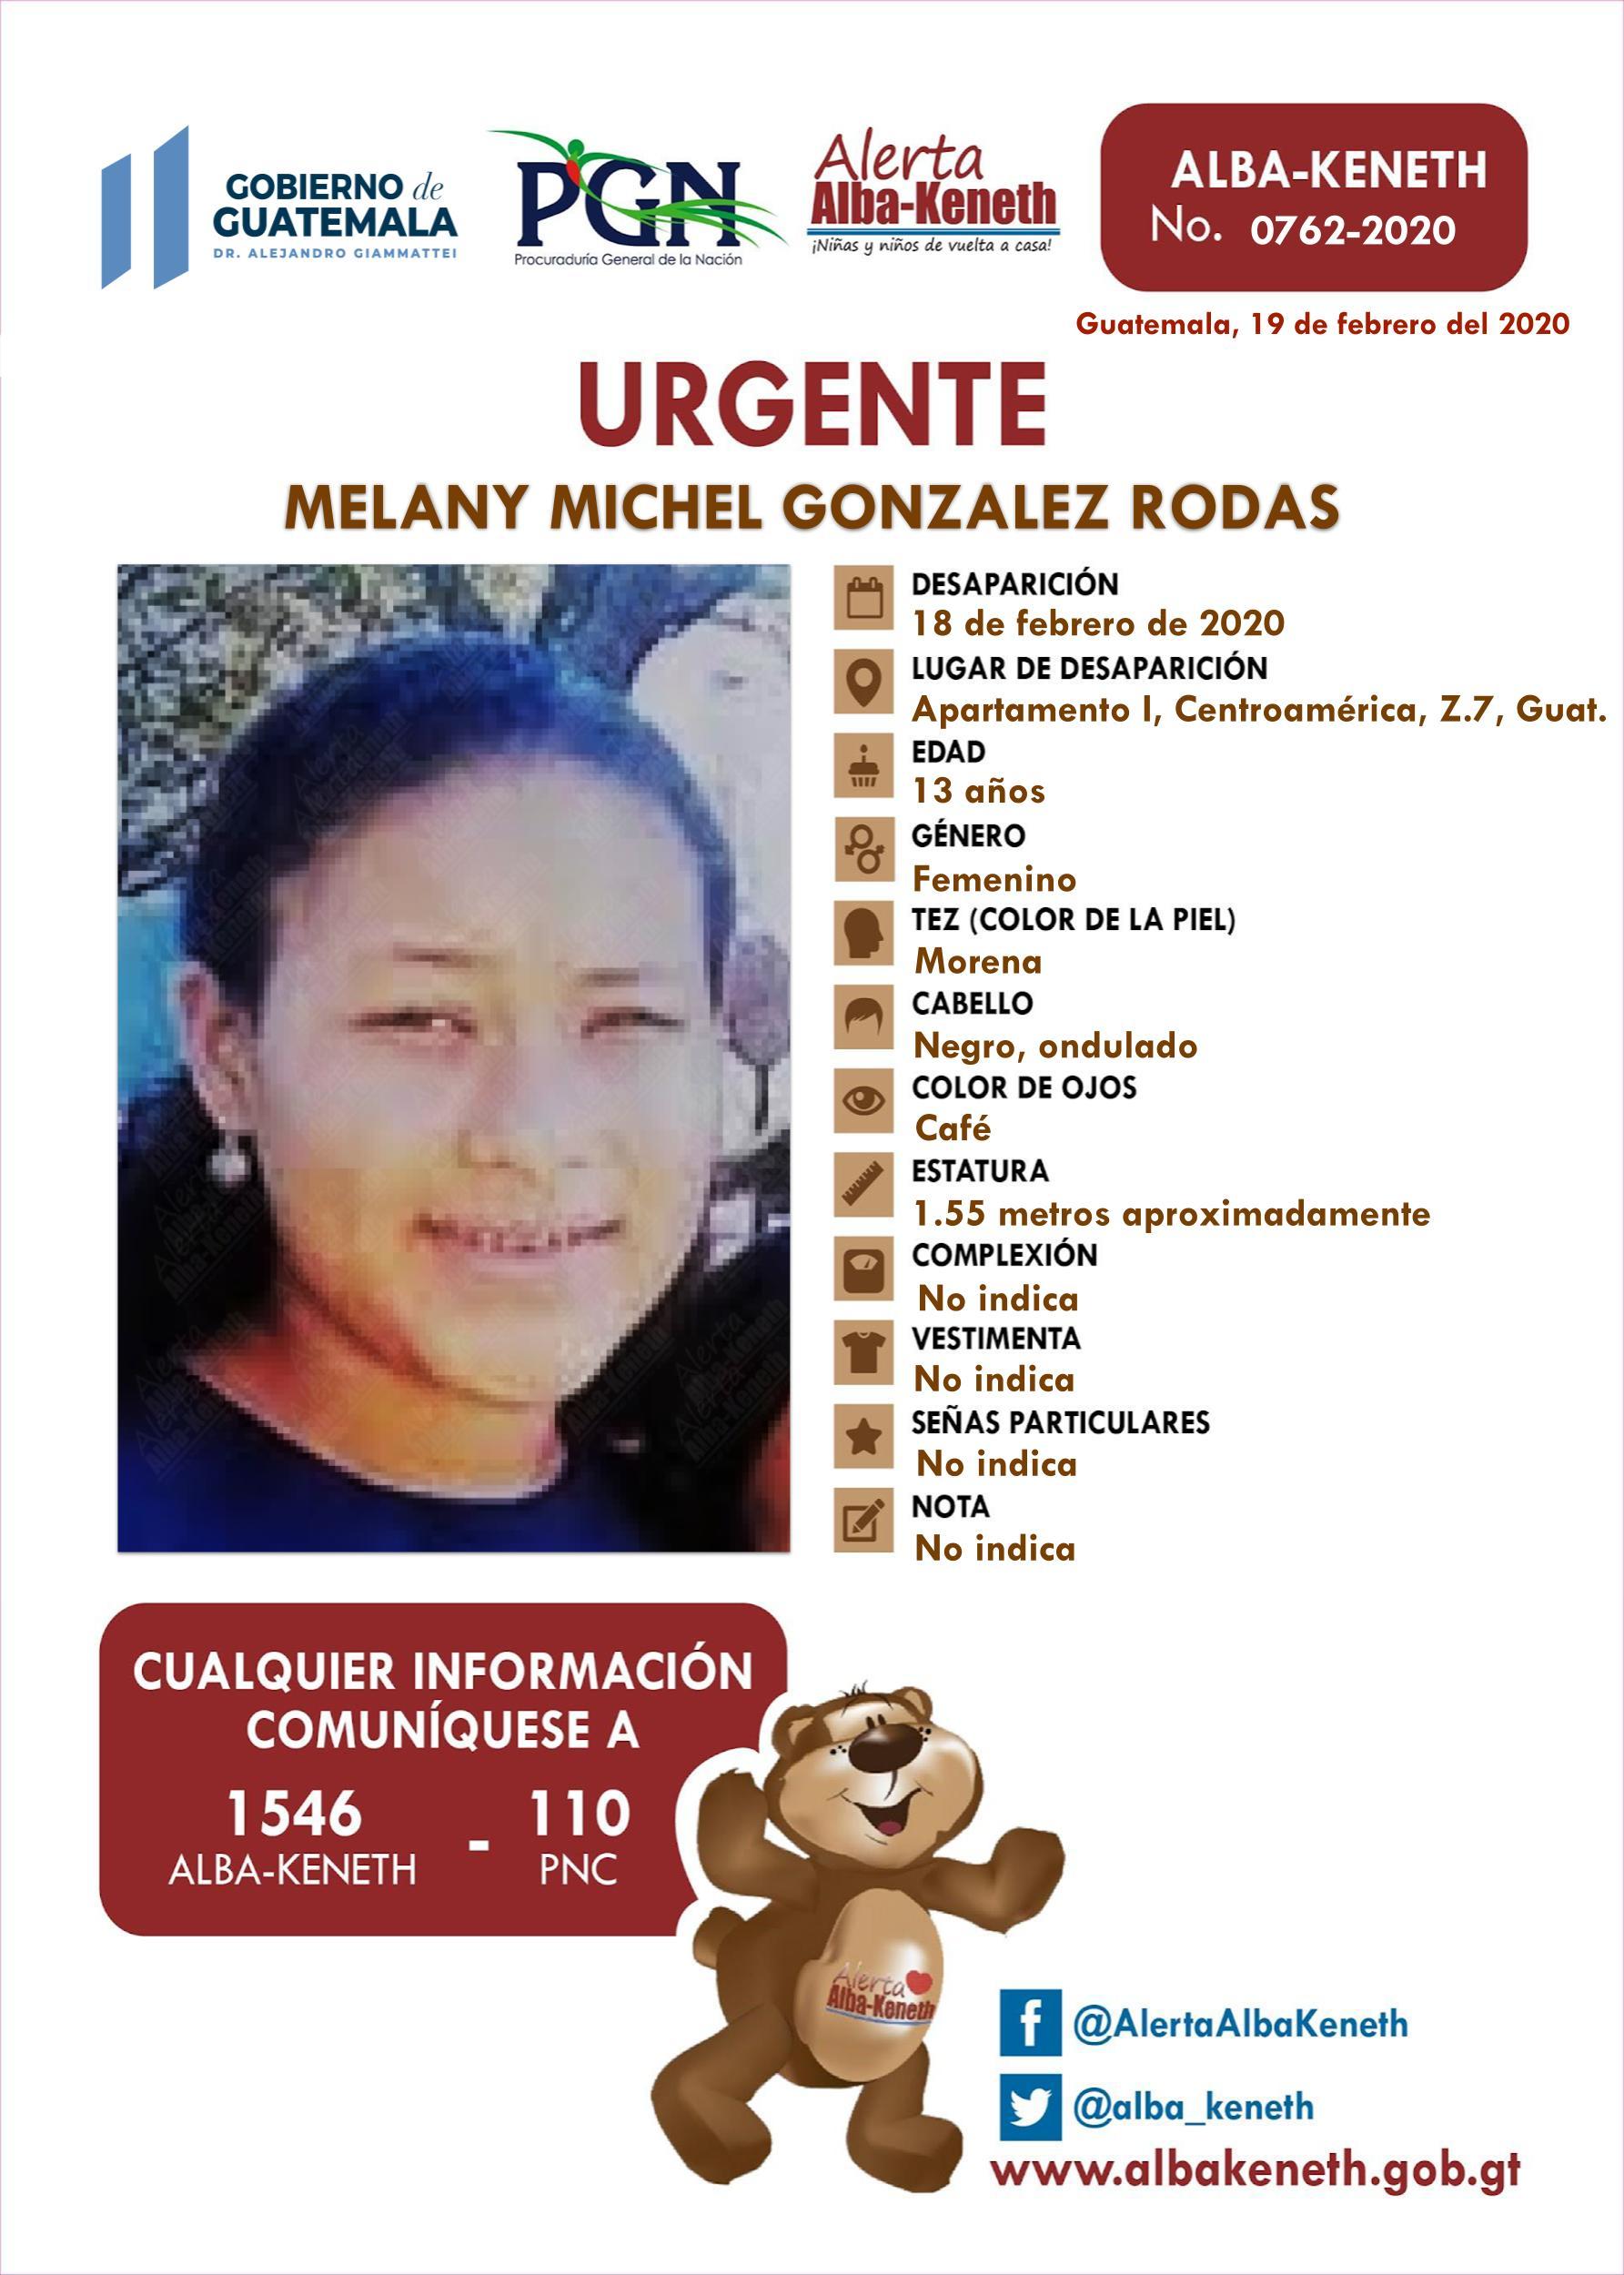 Melany Michel Gonzalez Rodas